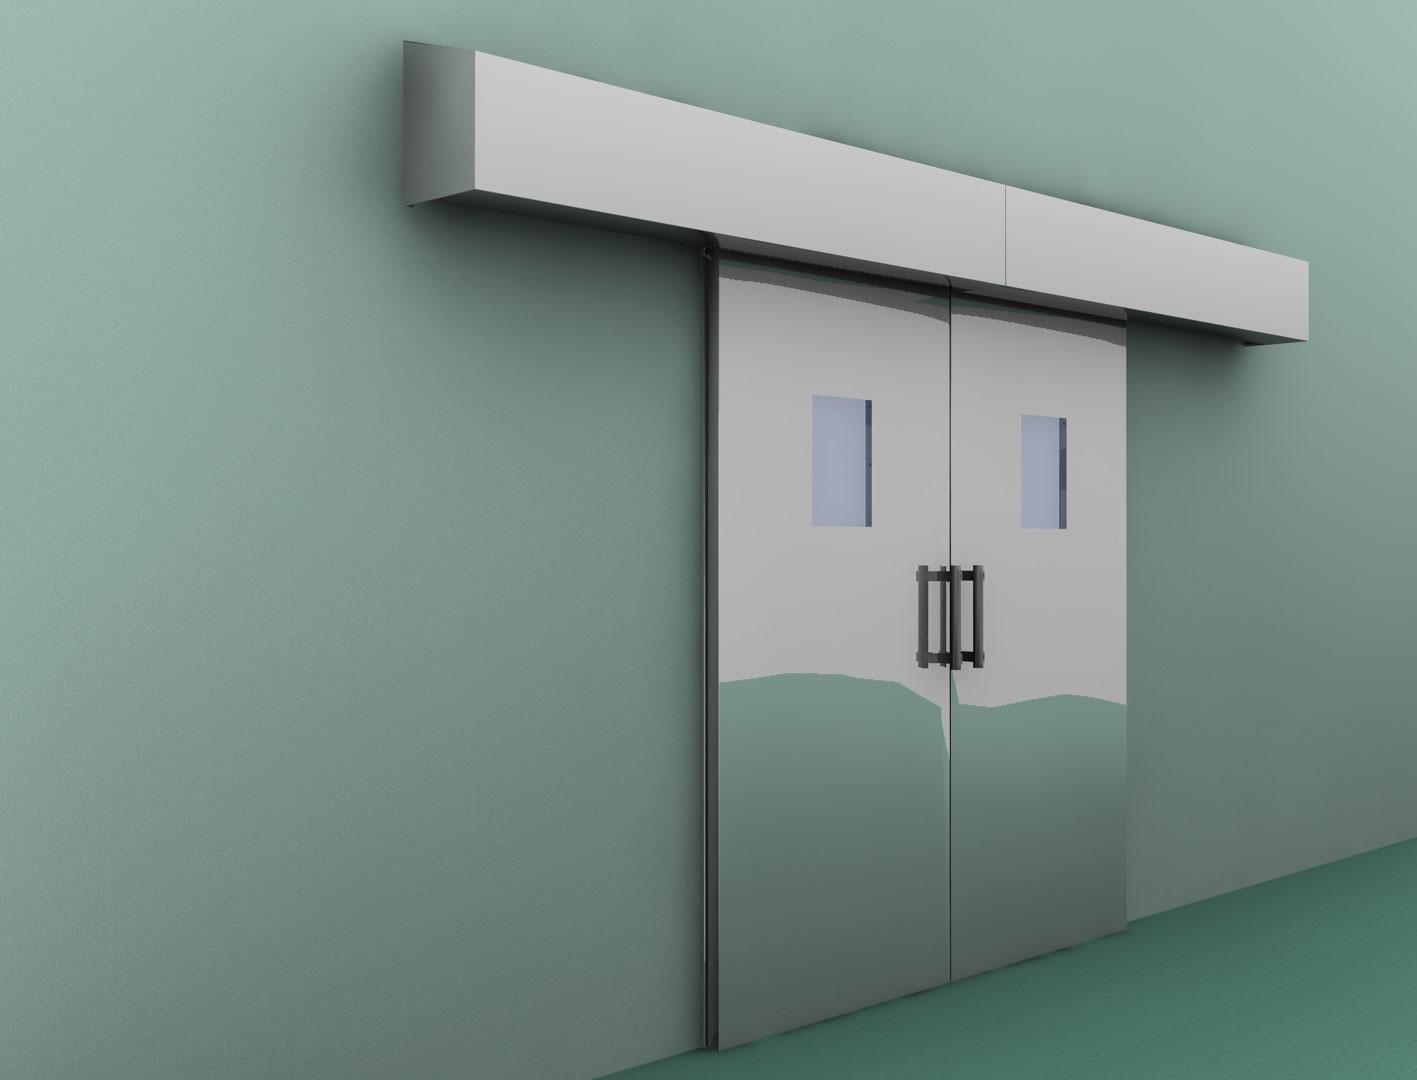 Arredi Inox » 13-porta-scorrevole-automatica-doppia-anta